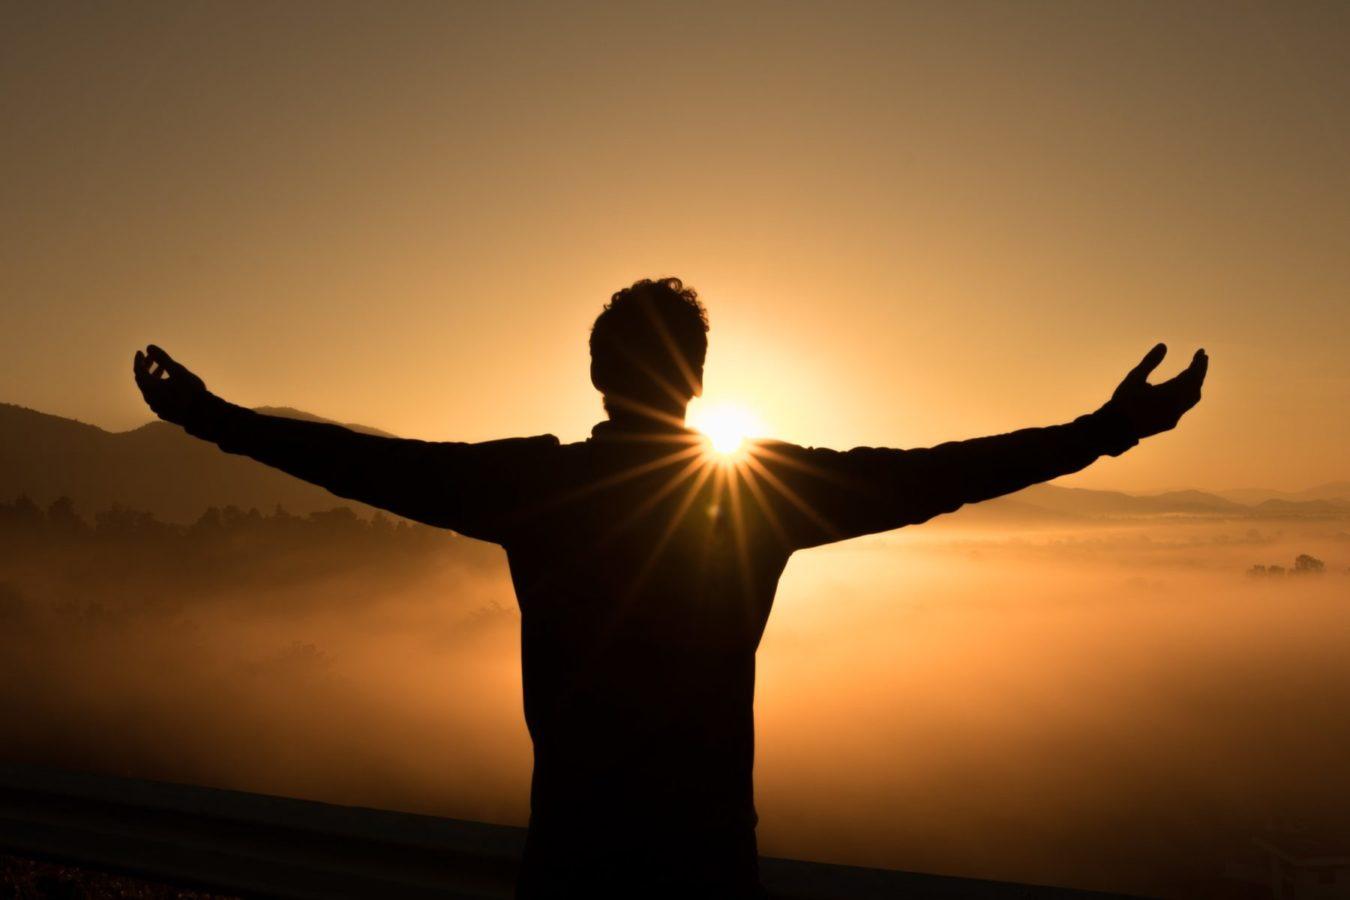 Молитва як мото нащодень